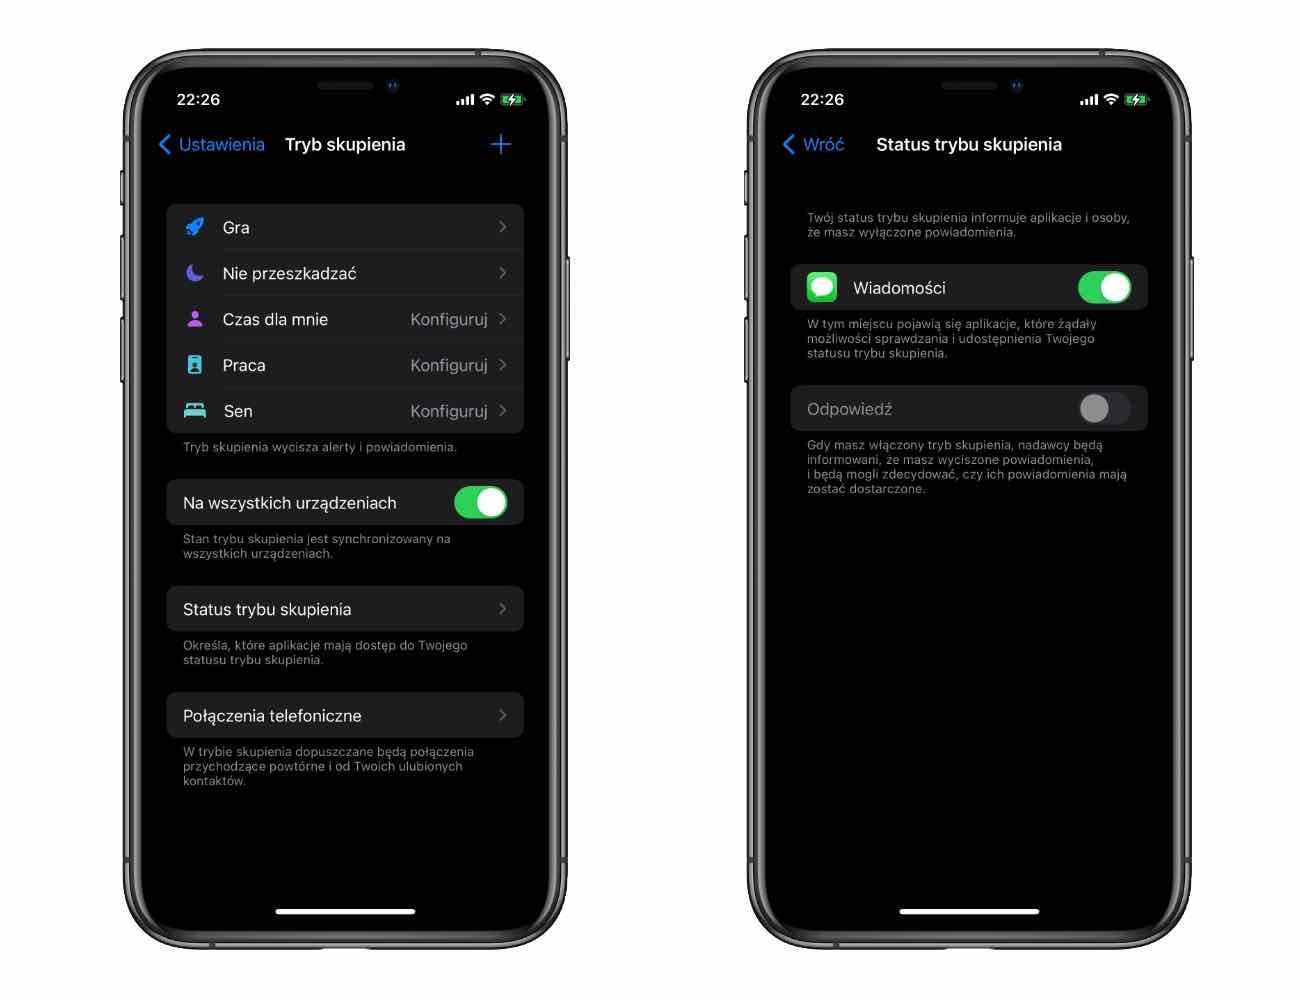 iOS 15 - polskie screeny polecane, ciekawostki zrzuty ekranu, screeny, polskie screeny z iOS 15, jak wygląda iOS 15, iOS 15 screeny, iOS 14 screeny, iOS, Apple  Pierwsza beta iOS 15 jest już w naszych rękach, więc przygotowaliśmy dla Was polskie screeny z najnowszej wersji iOS. iOSbeta15 11